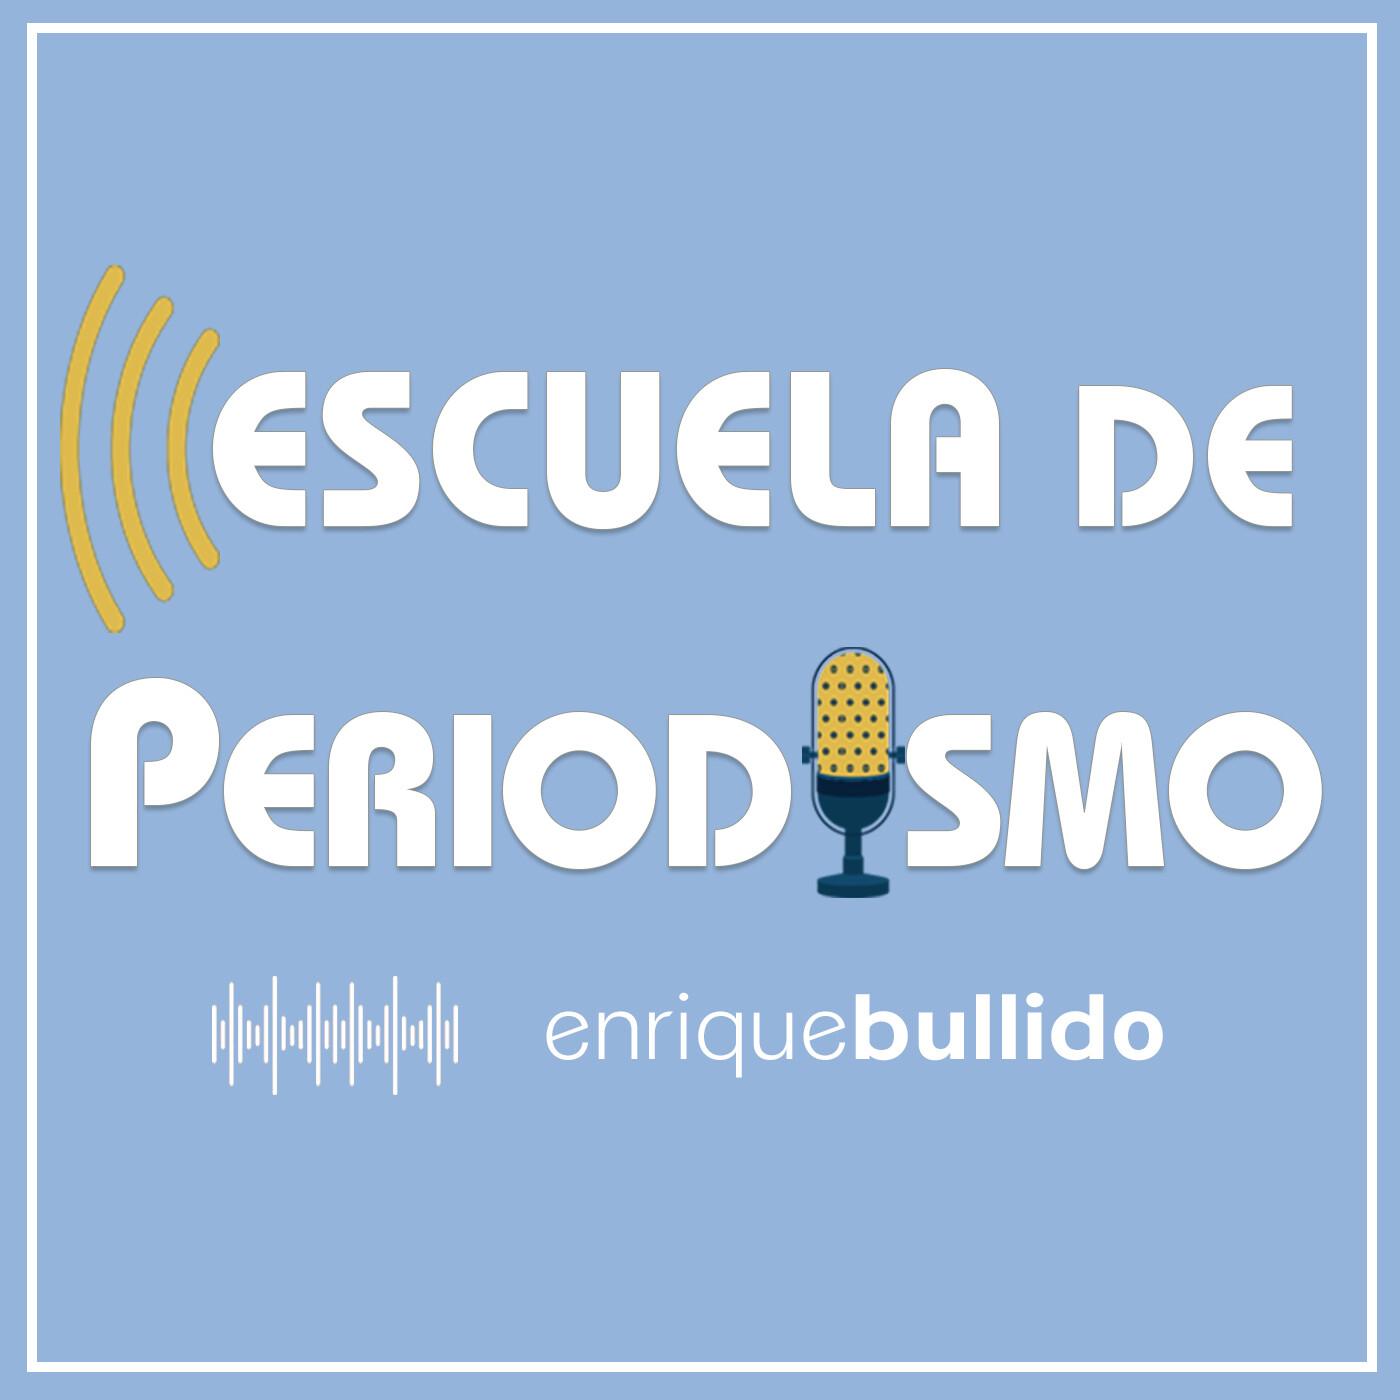 Los mejores podcast sobre Periodismo que merecen que les eches una oreja 2